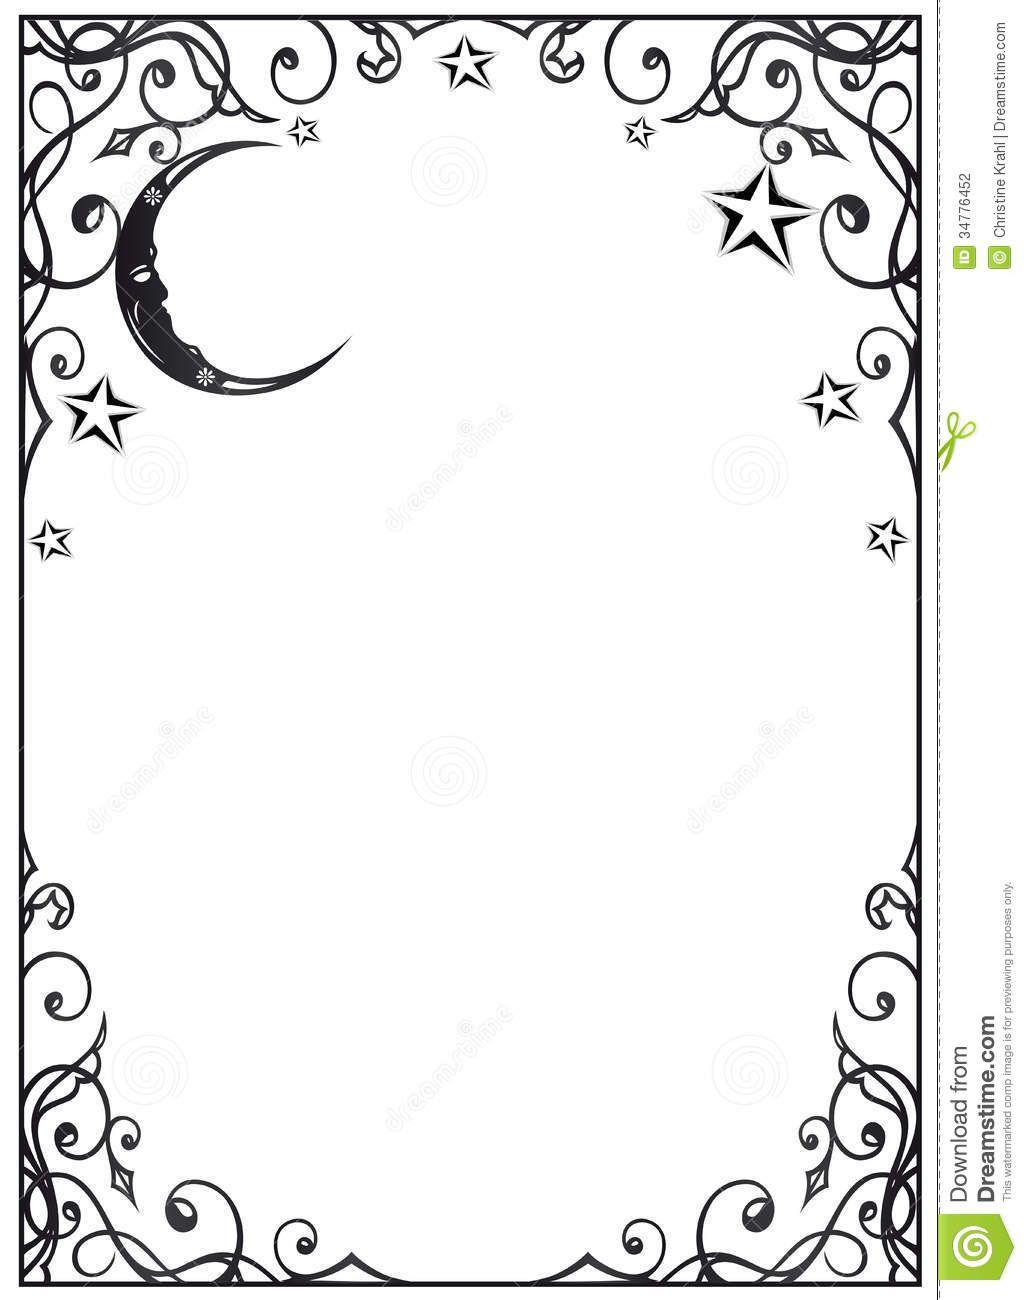 moon stars filigree frame 34776452 jpg 1027 1300 crafts diy